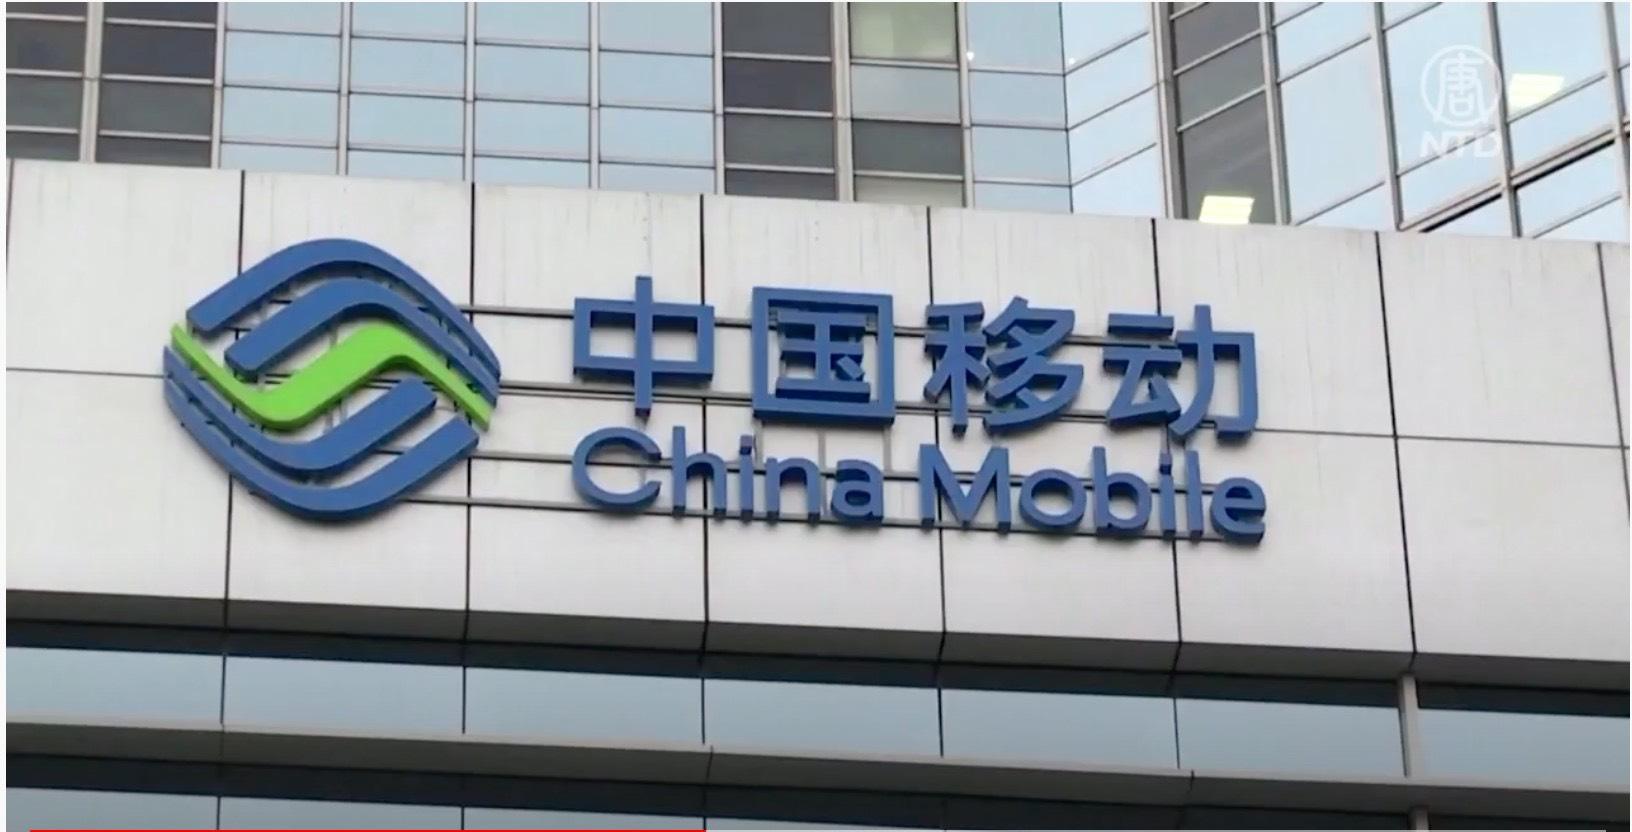 「中国移动」有意收购南太平洋6国通讯网络